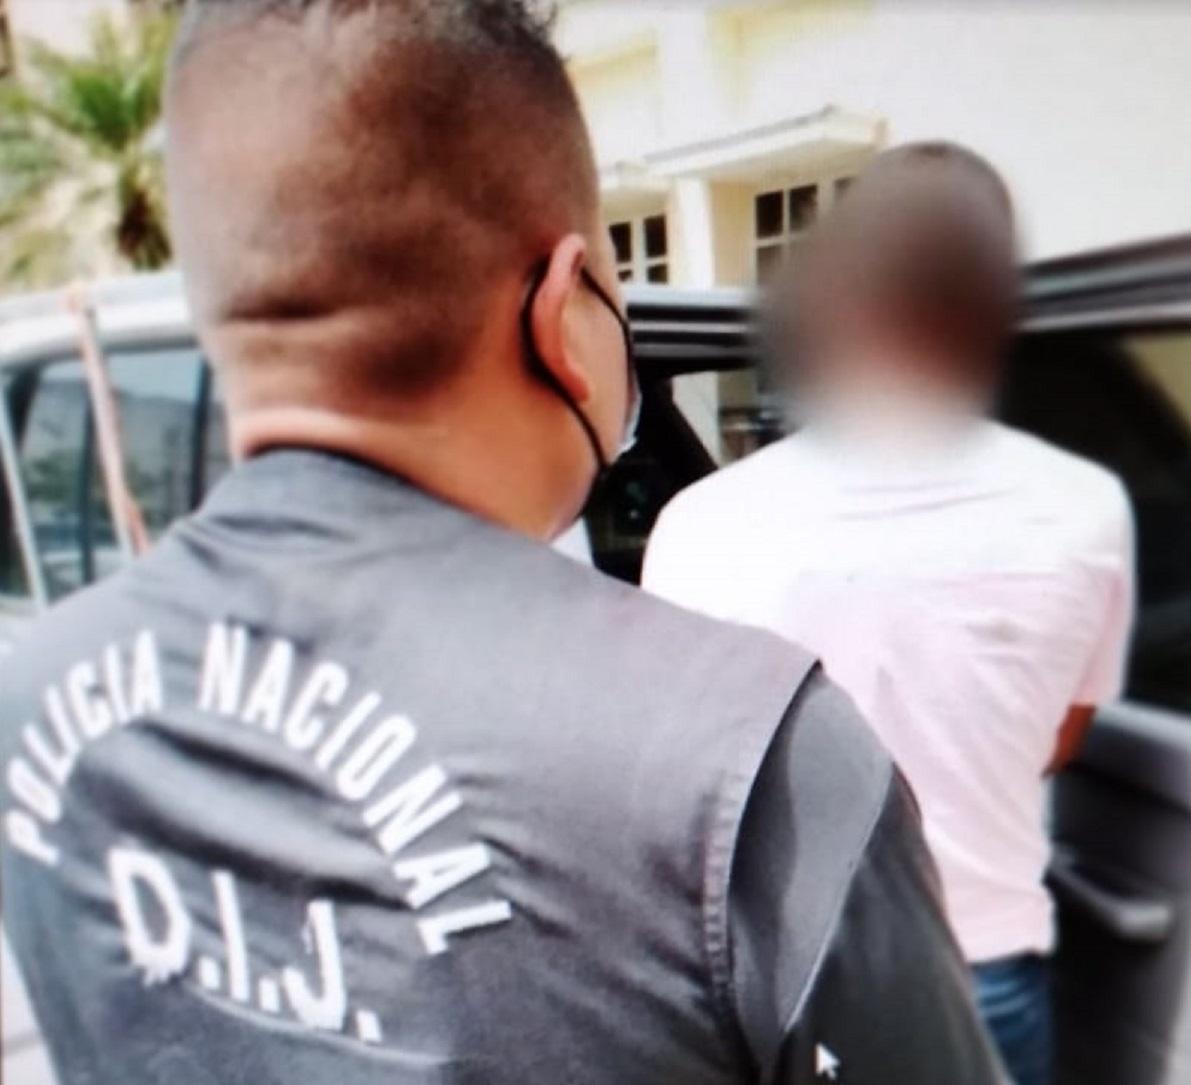 La captura de este hombre se hizo efectiva en el distrito de Barú, en una comunidad limítrofe entre Panamá y Costa Rica.  Foto: Mayra Madrid